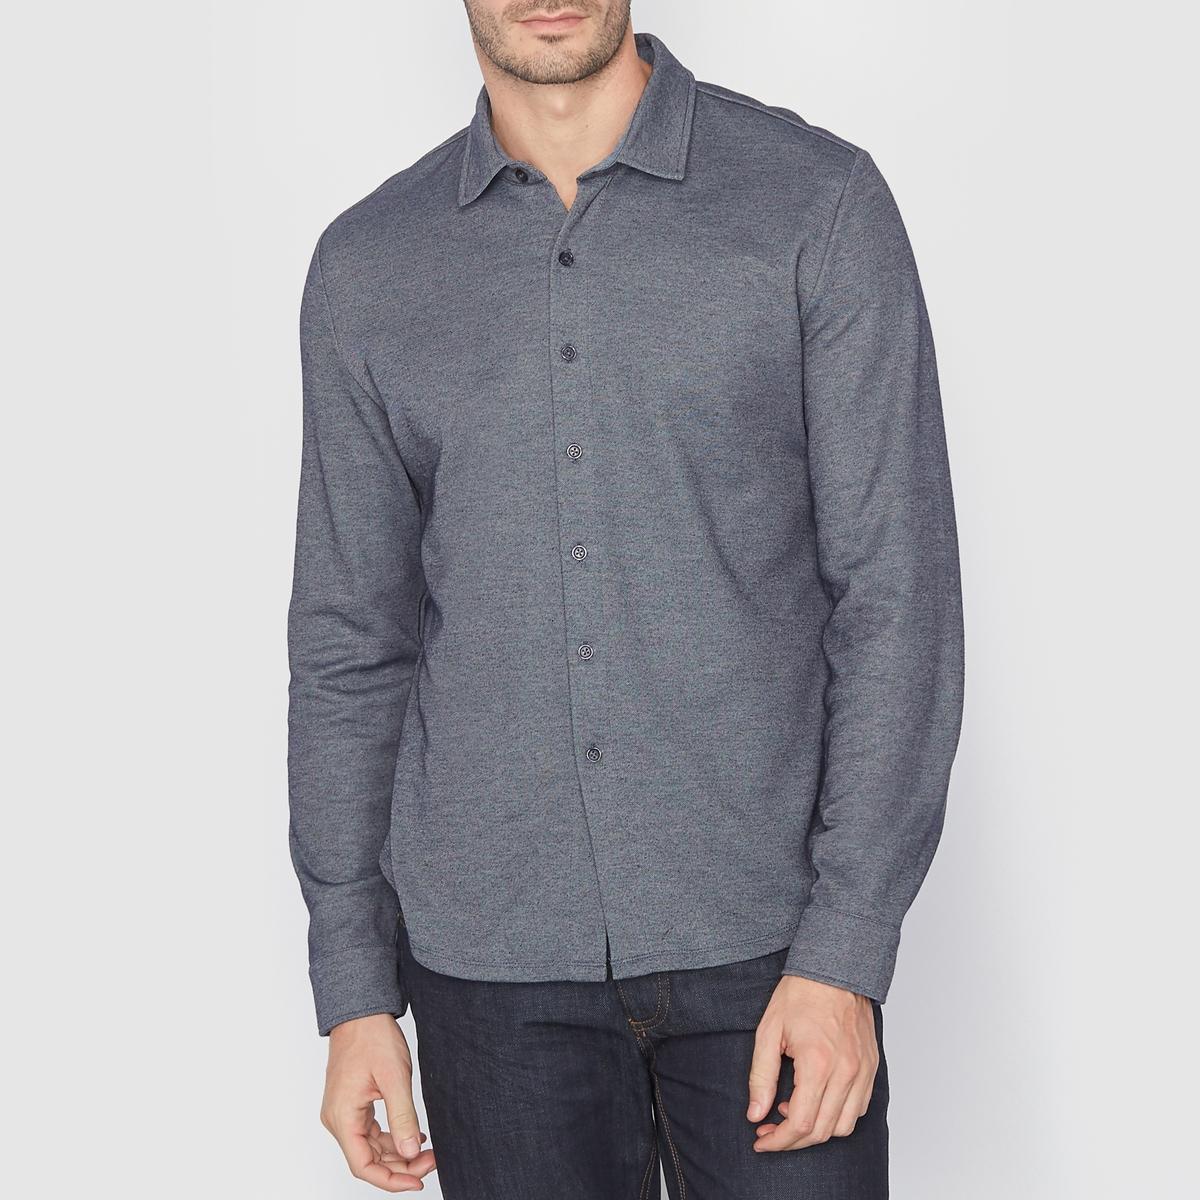 Рубашка из трикотажа. Длинные рукава